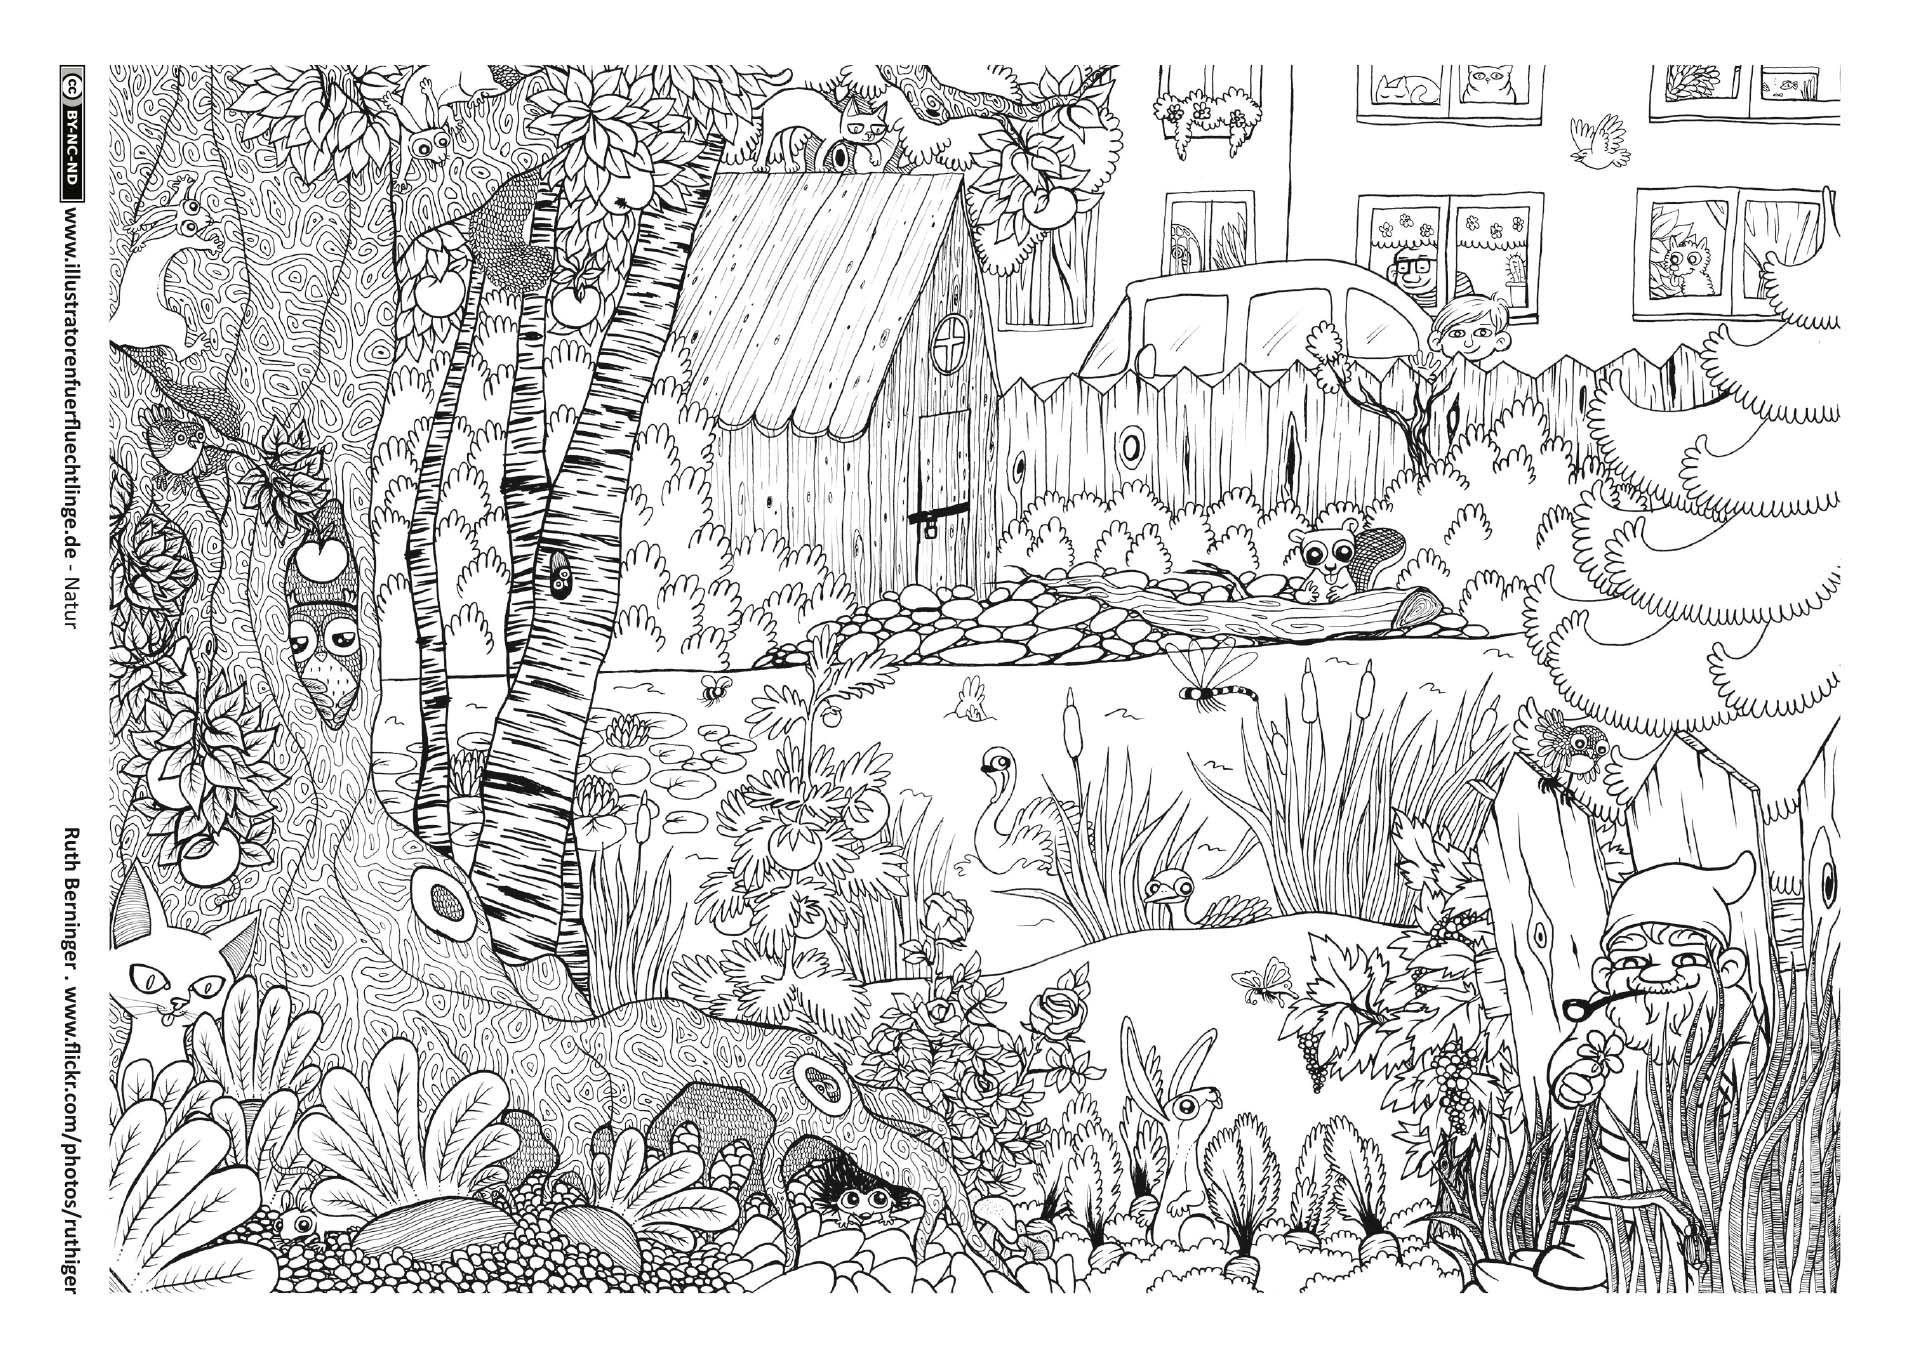 Malvorlagen Zirkus Genial Download Als Pdf Natur – Garten Tiere Wimmelbild Ipdd Fotografieren